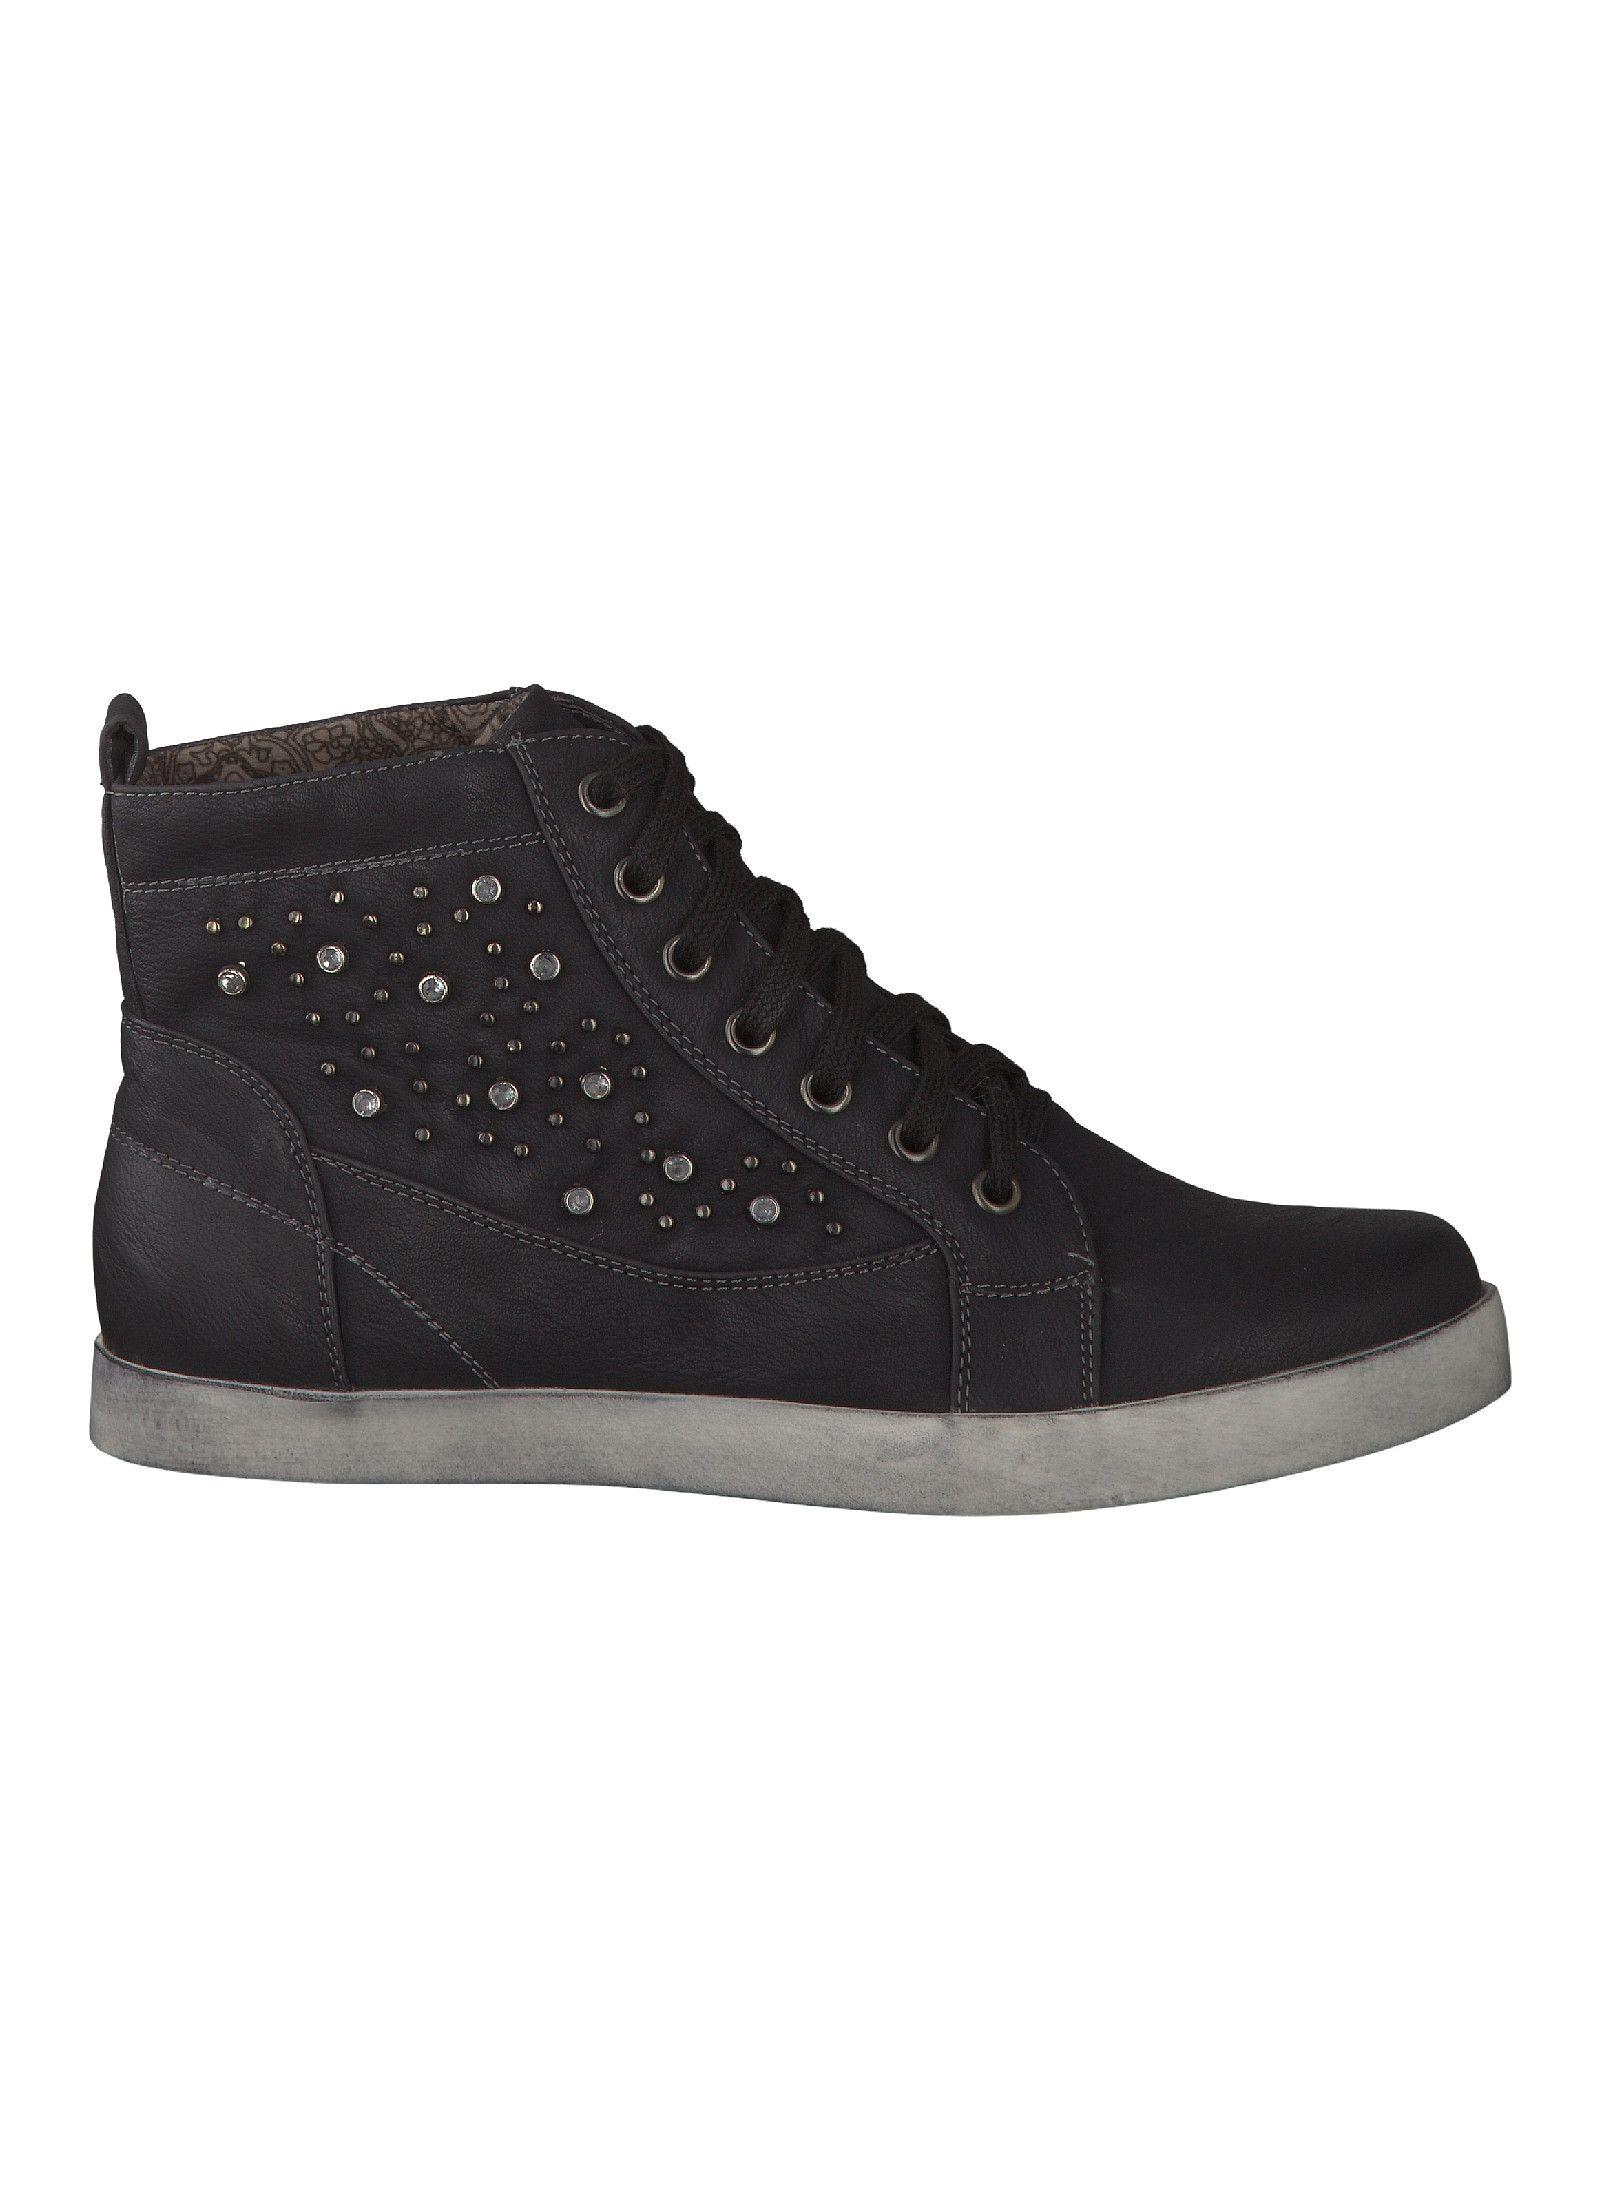 Stiefel : online shop, online schuhe, shopping, sneaker